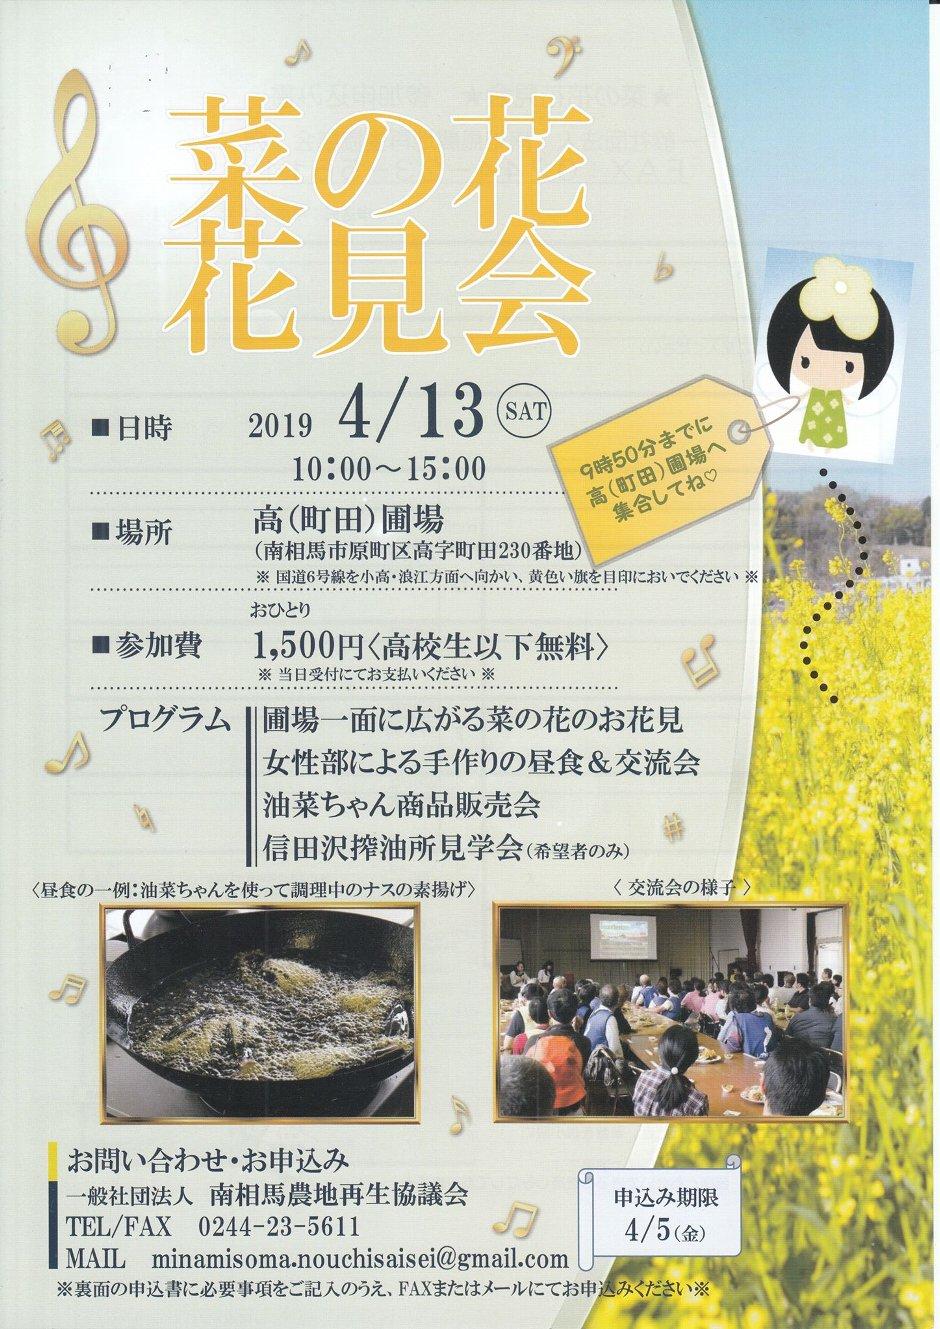 2019.4.13菜の花花見会